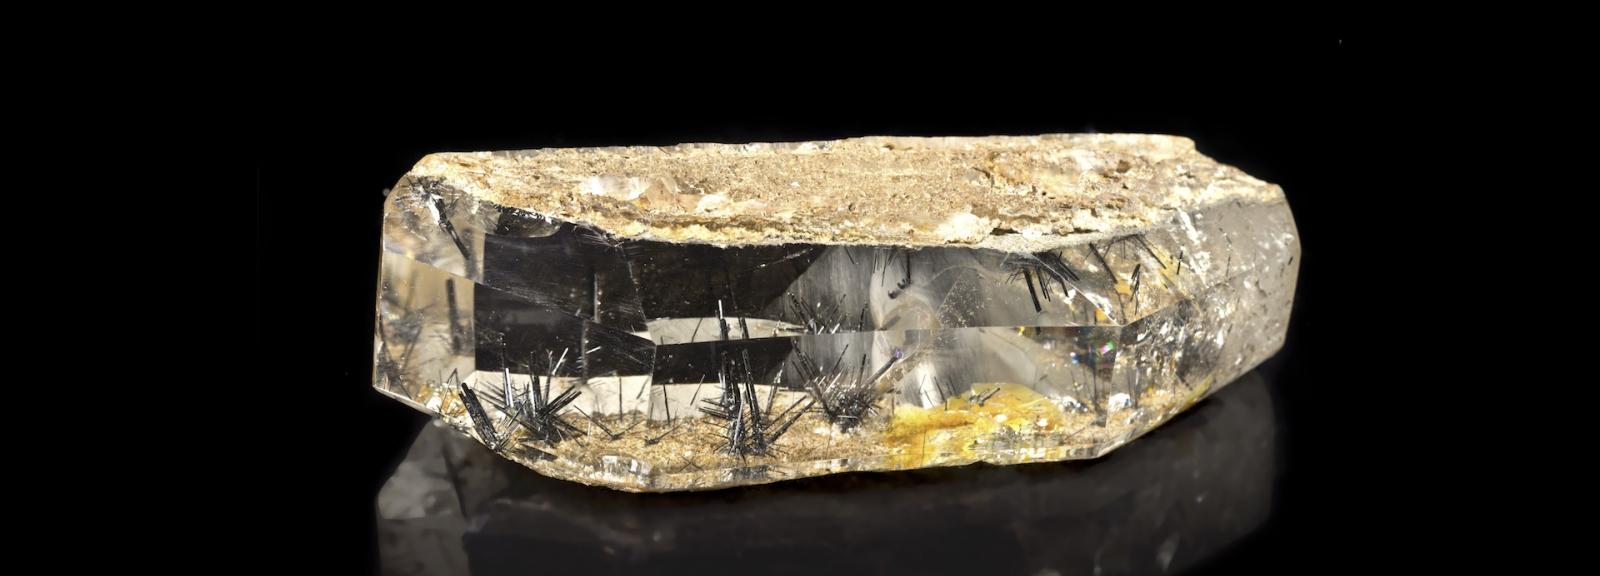 Quartz à rutile noir © MNHN - F. Farges